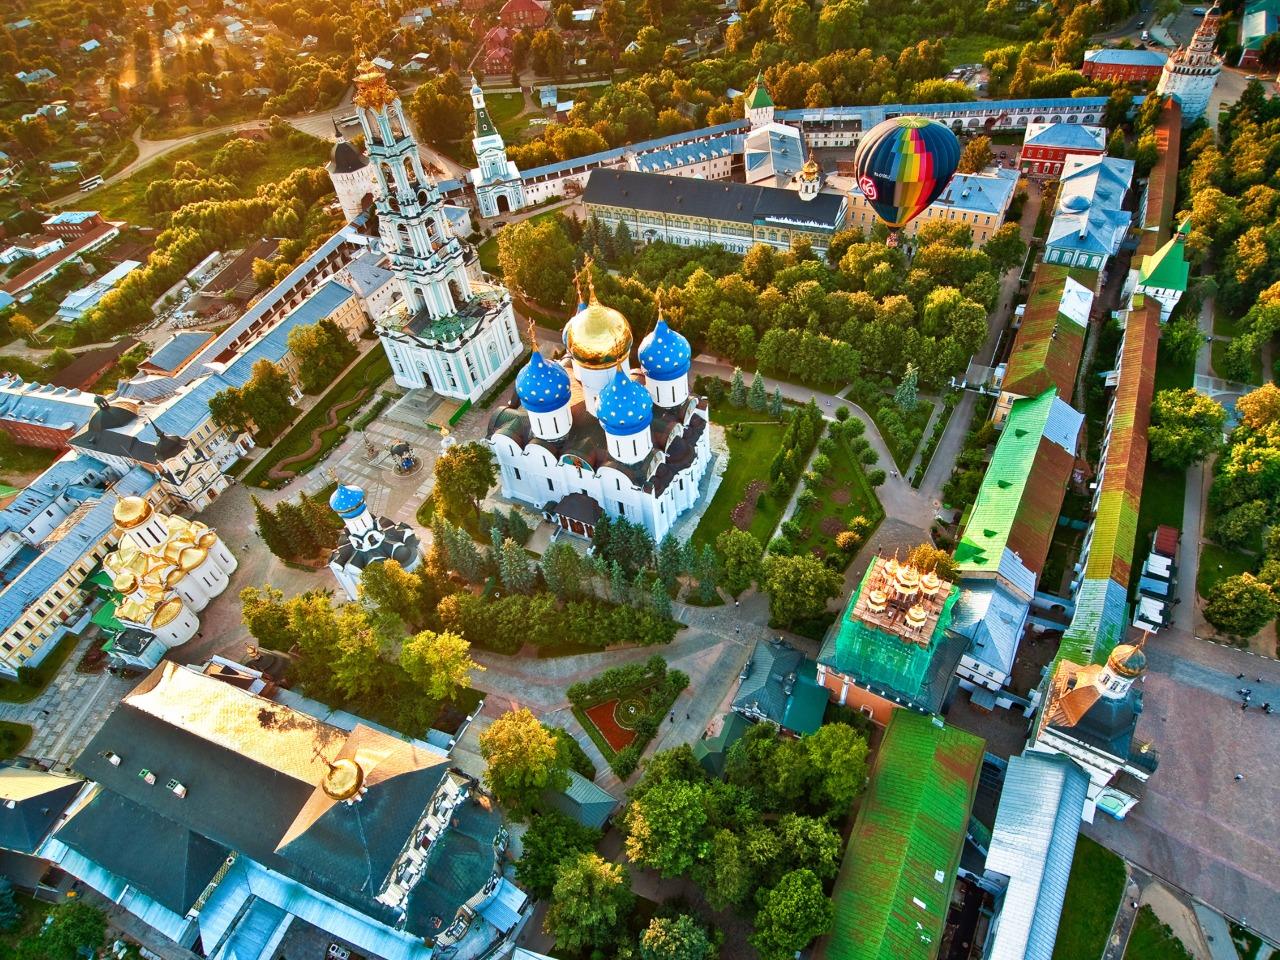 Сергиев Посад - духовная столица - индивидуальная экскурсия в Сергиевом Посаде от опытного гида